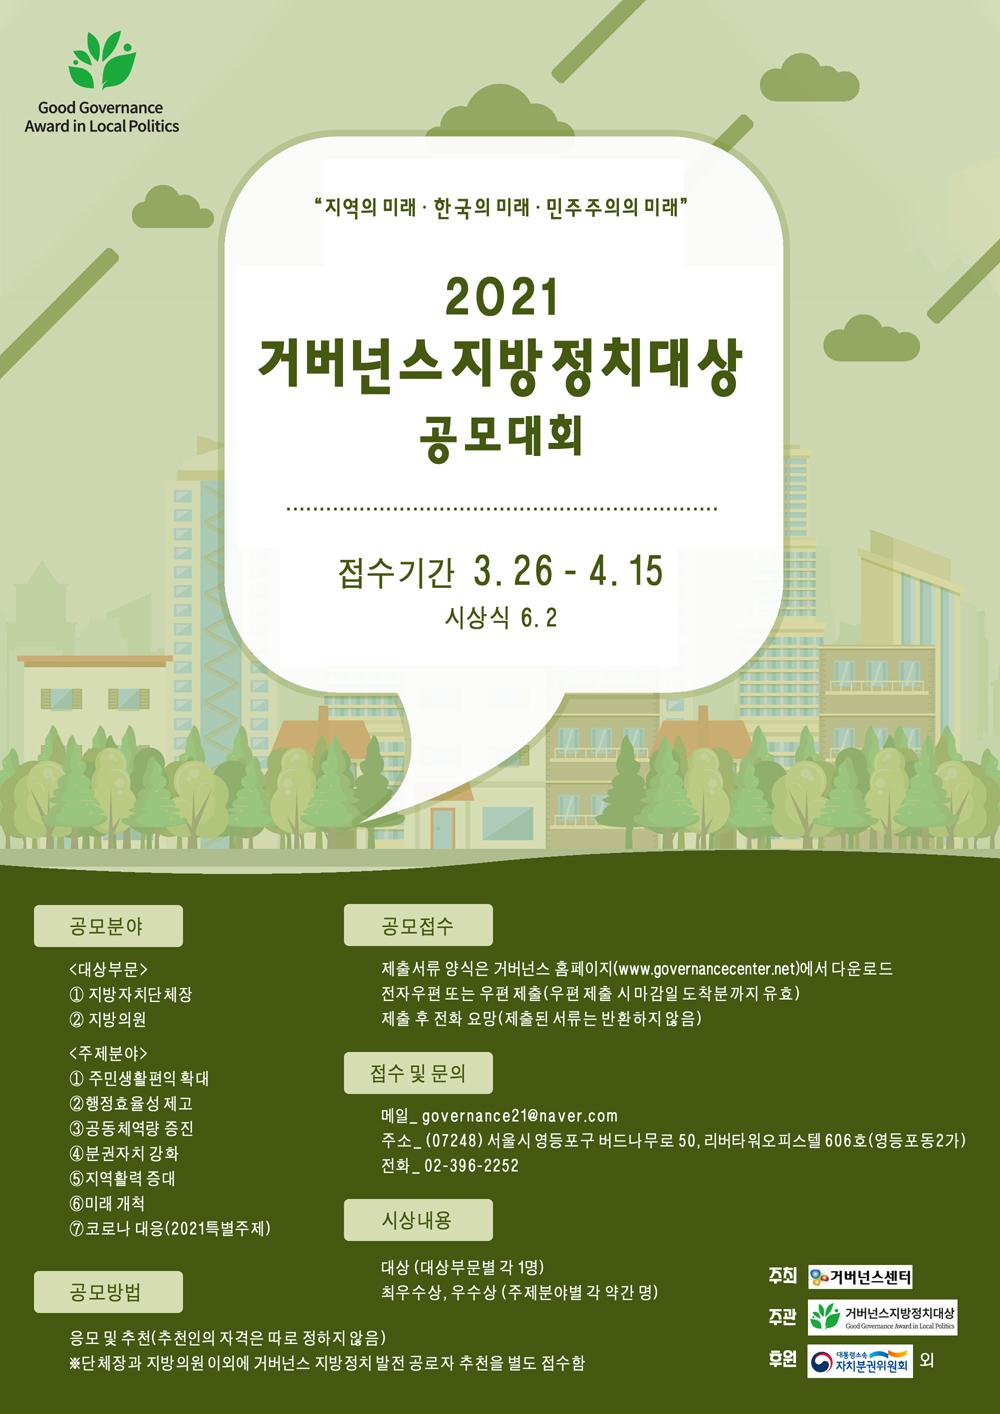 2021거버넌스지방정치대상_공모대회_포스터(수정2)_용량줄인것.jpg